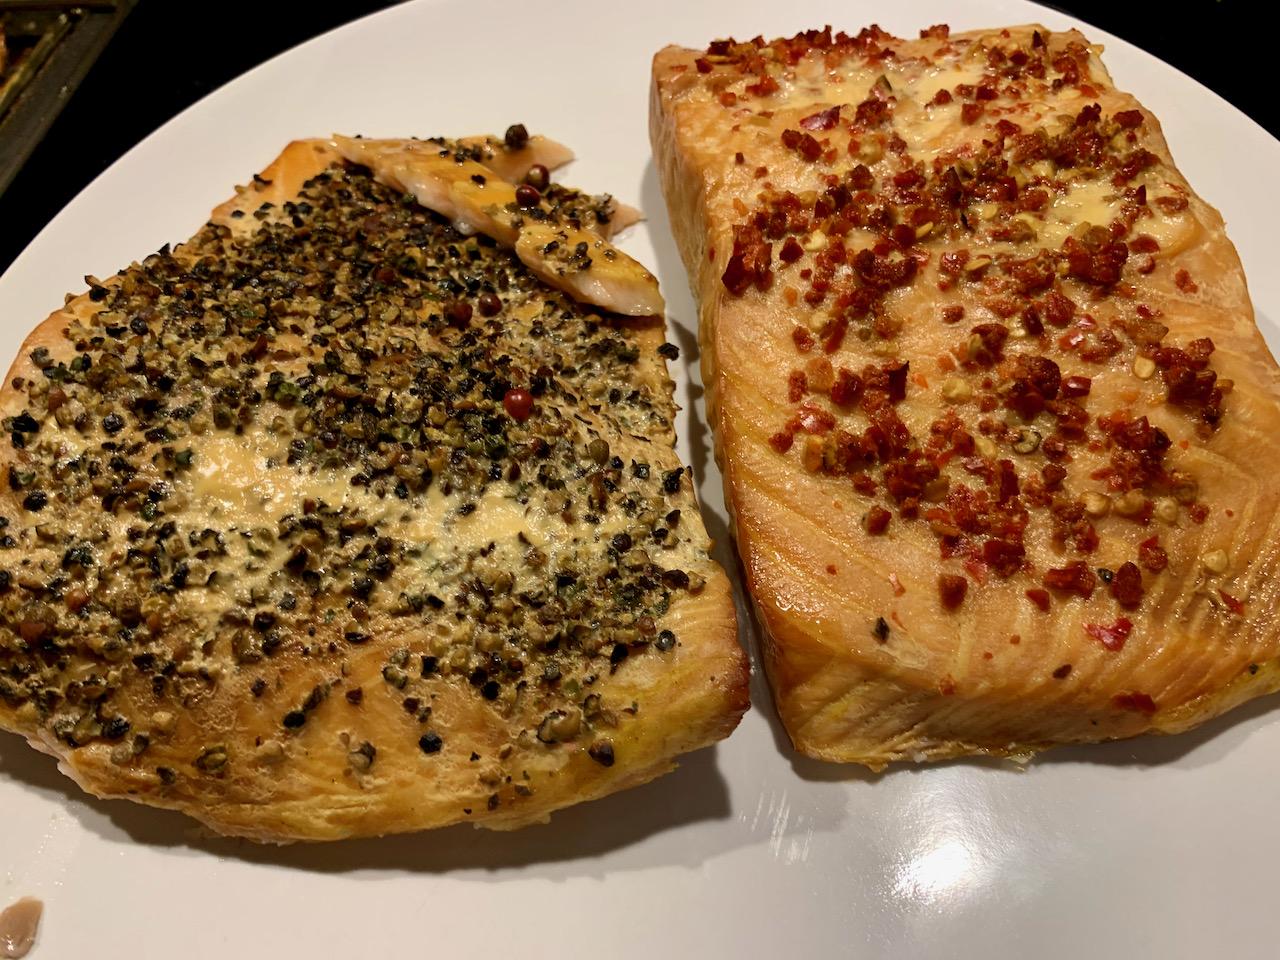 Zwei Stücke Stremellachs, belegt mit Chiliflocken und gemahlenem Pfeffer.